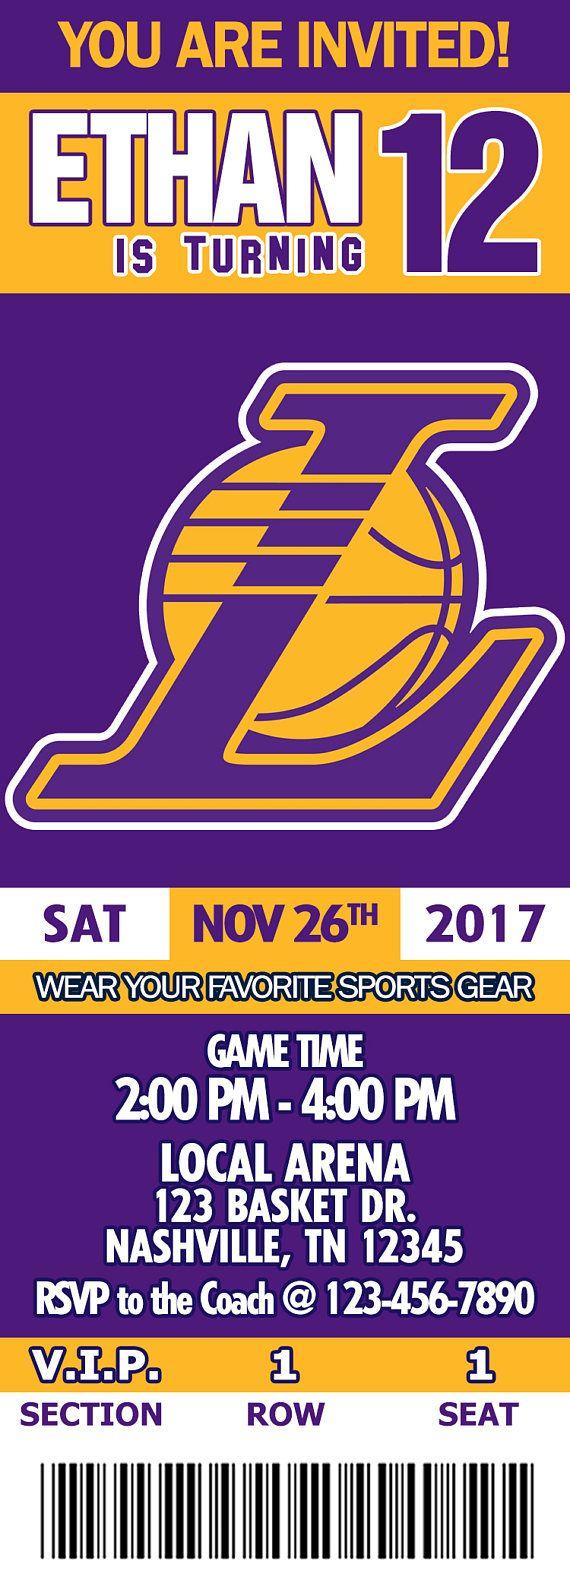 Basketball Los Angeles Lakers Invitation Tickets Digital Ticket Invitation Invitations Birthday Invitations